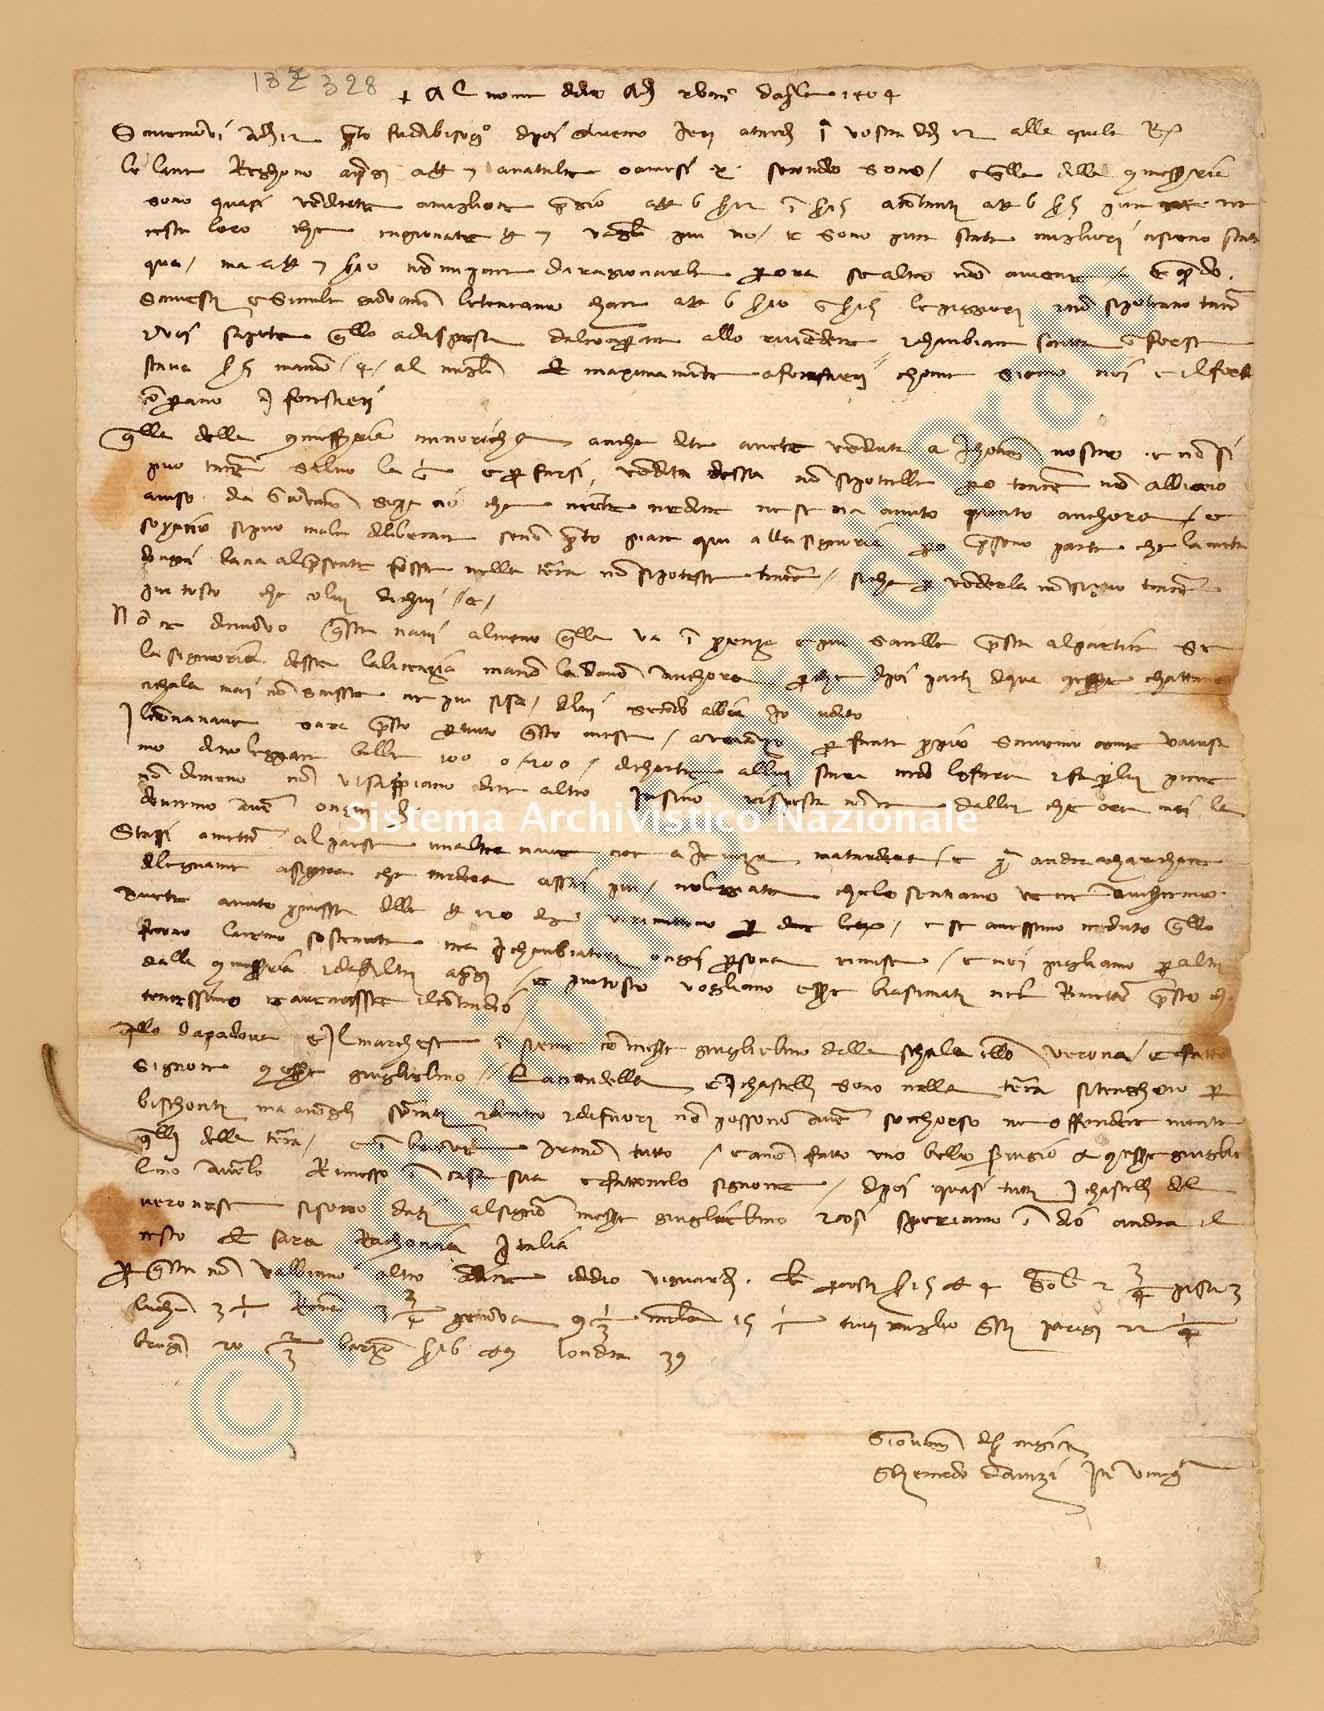 Archivio di Stato di Prato, Fondo Datini, Appendice al carteggio, 1116.72 Lettere Di Giovanni Di Ser Nigi (senigi) e Davizi Gherardo a Datini Francesco Di Marco (busta 1116, inserto 72, codice 132328)